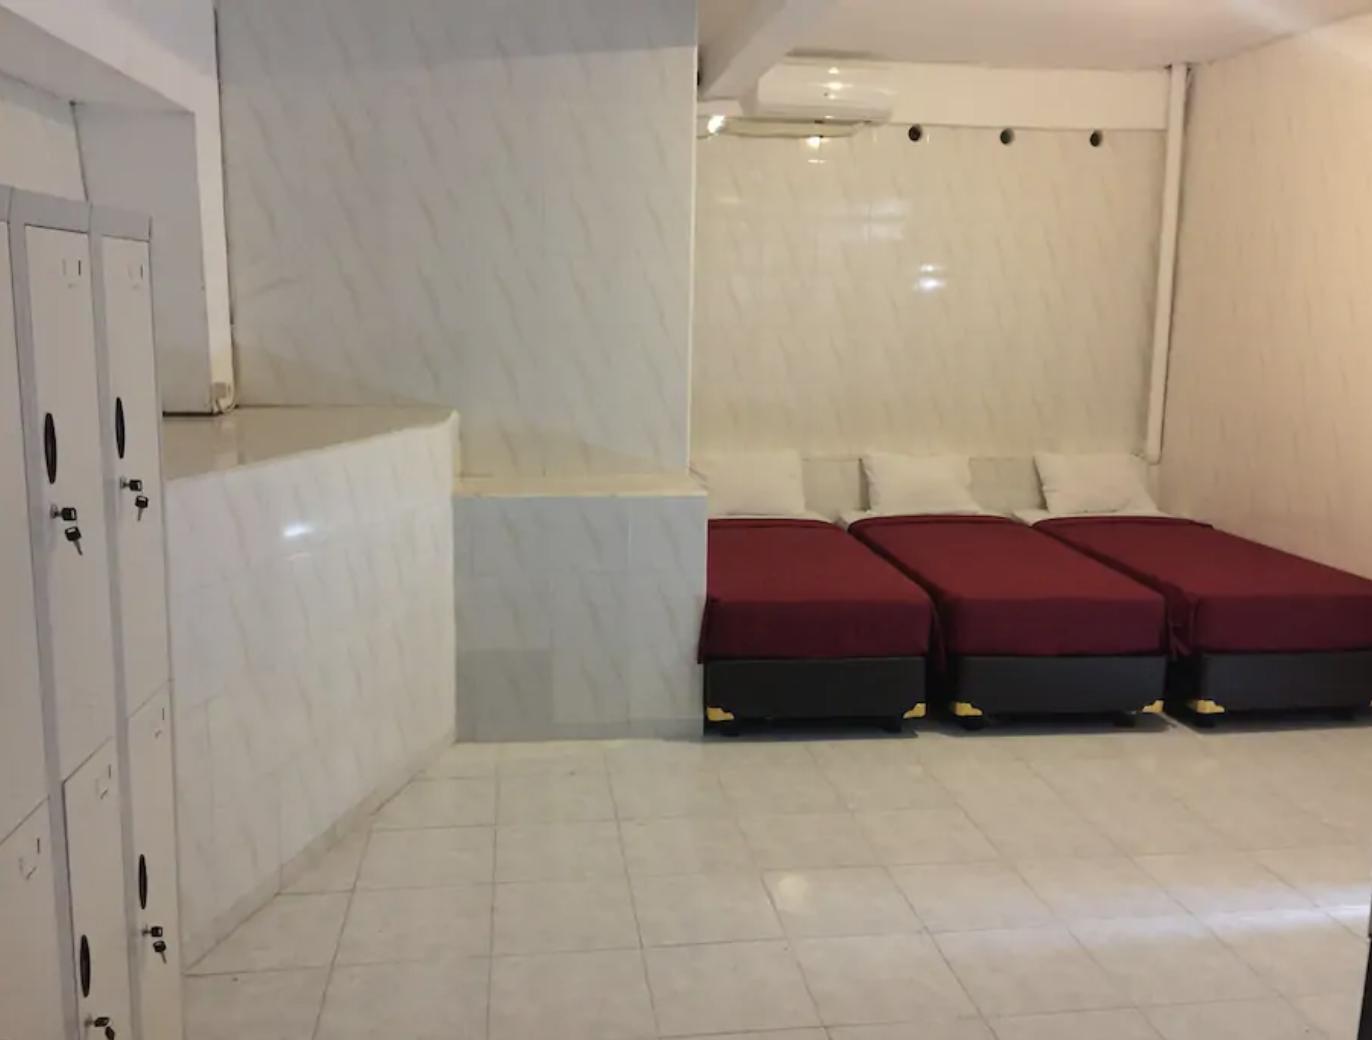 Hostel Room   Shared Dormitory